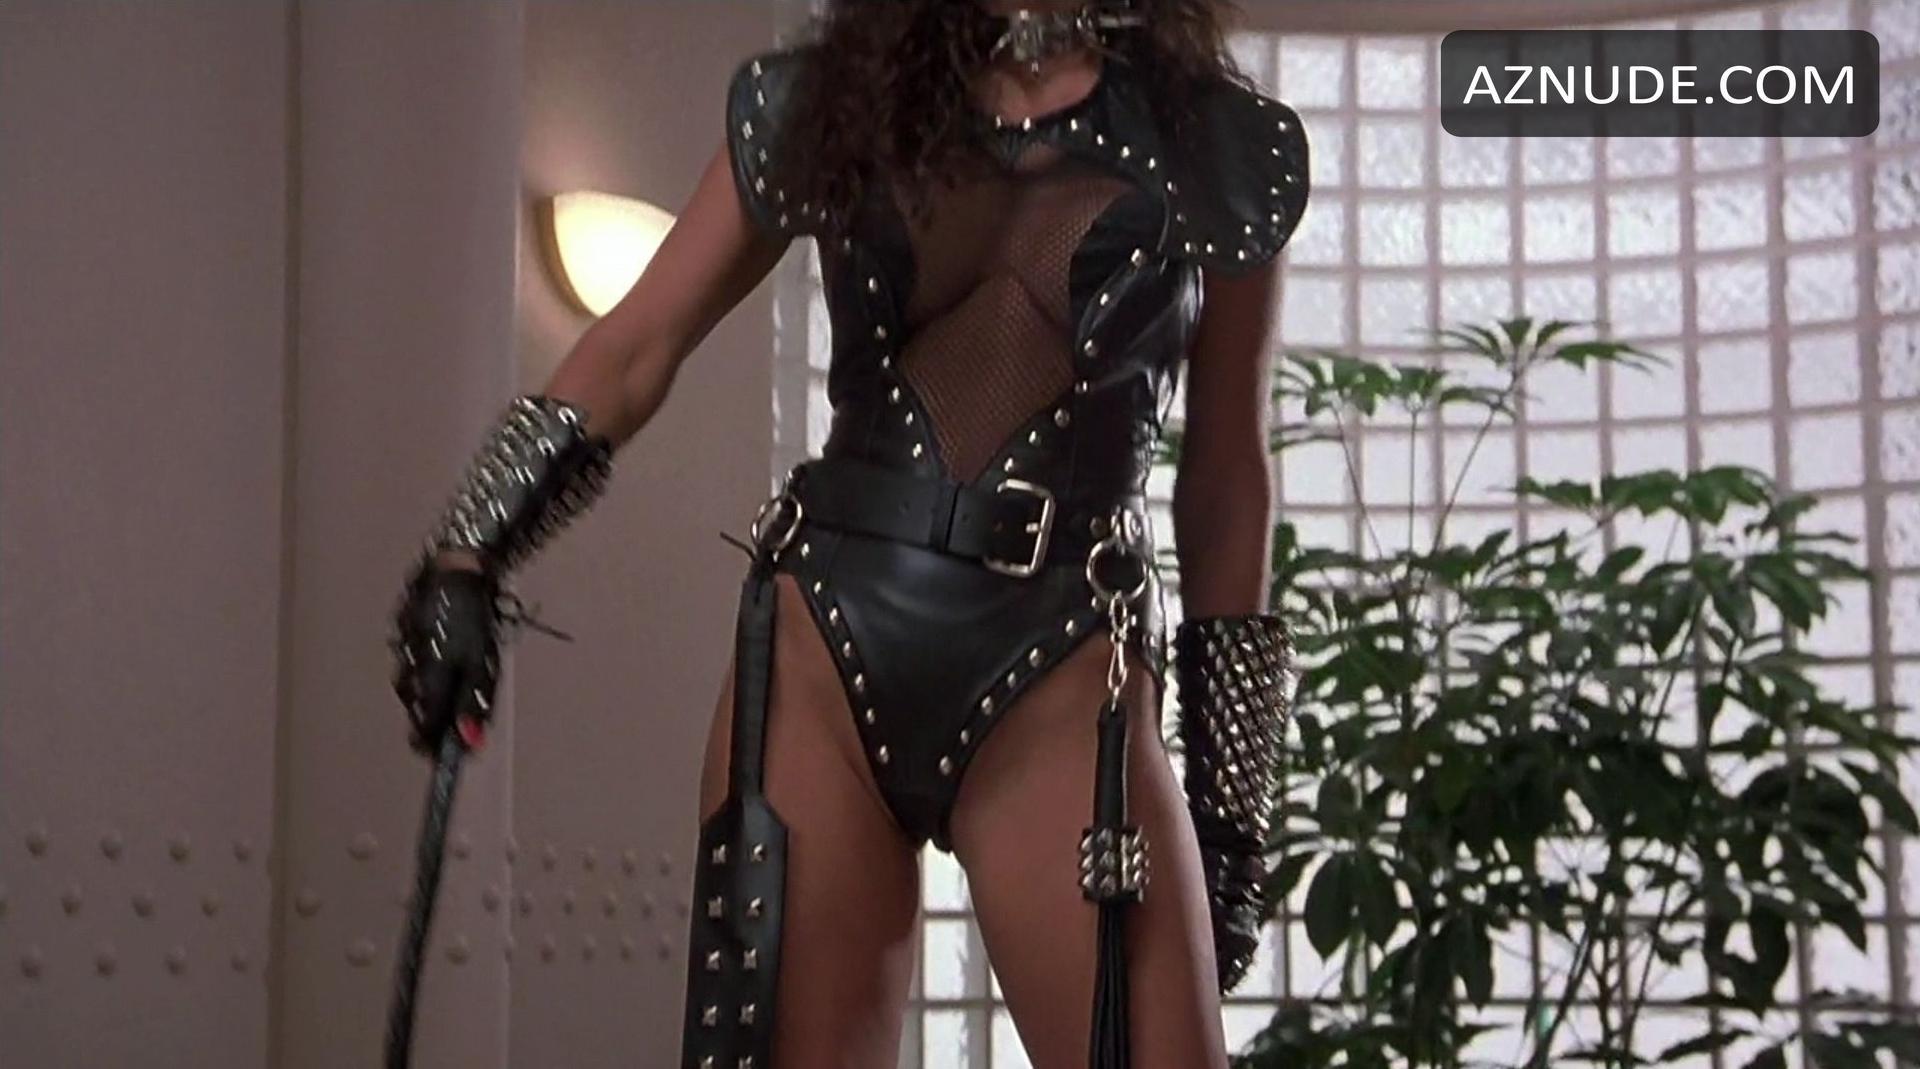 Raquel Welch Naked Gun  Hot Girl Hd Wallpaper-7257